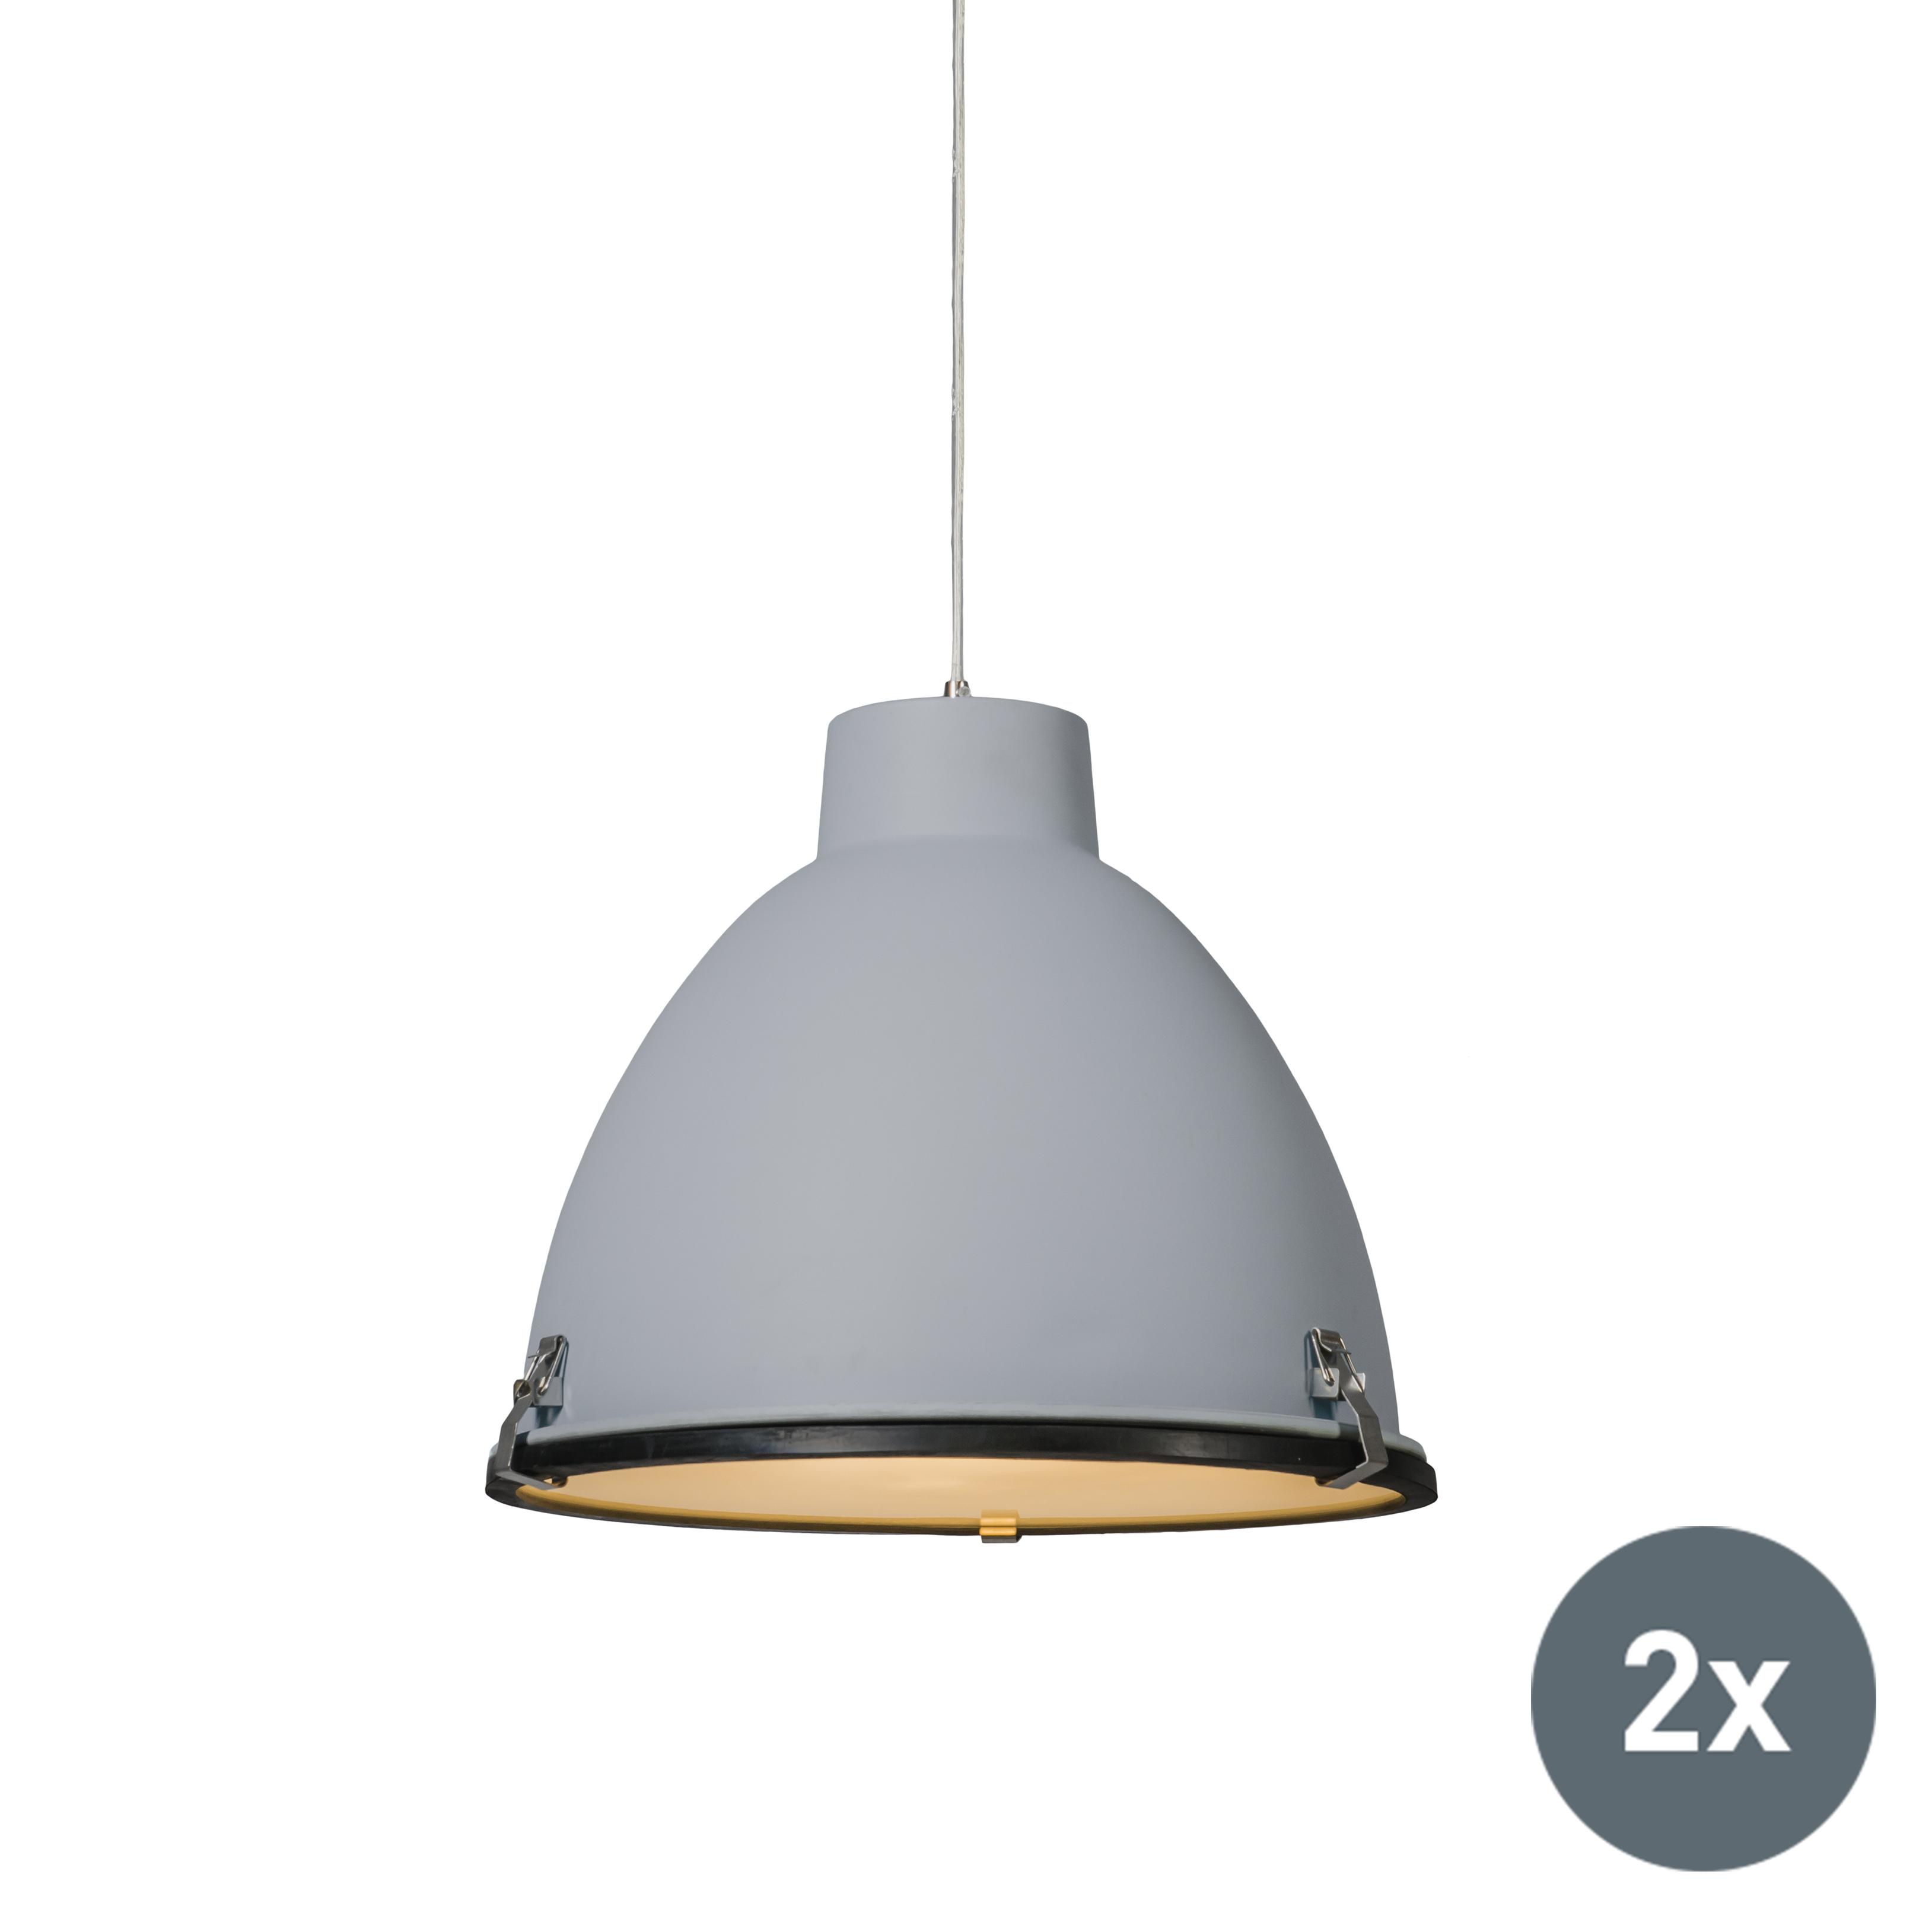 Set van 2 Industri�le hanglampen grijs 38 cm dimbaar - Anteros